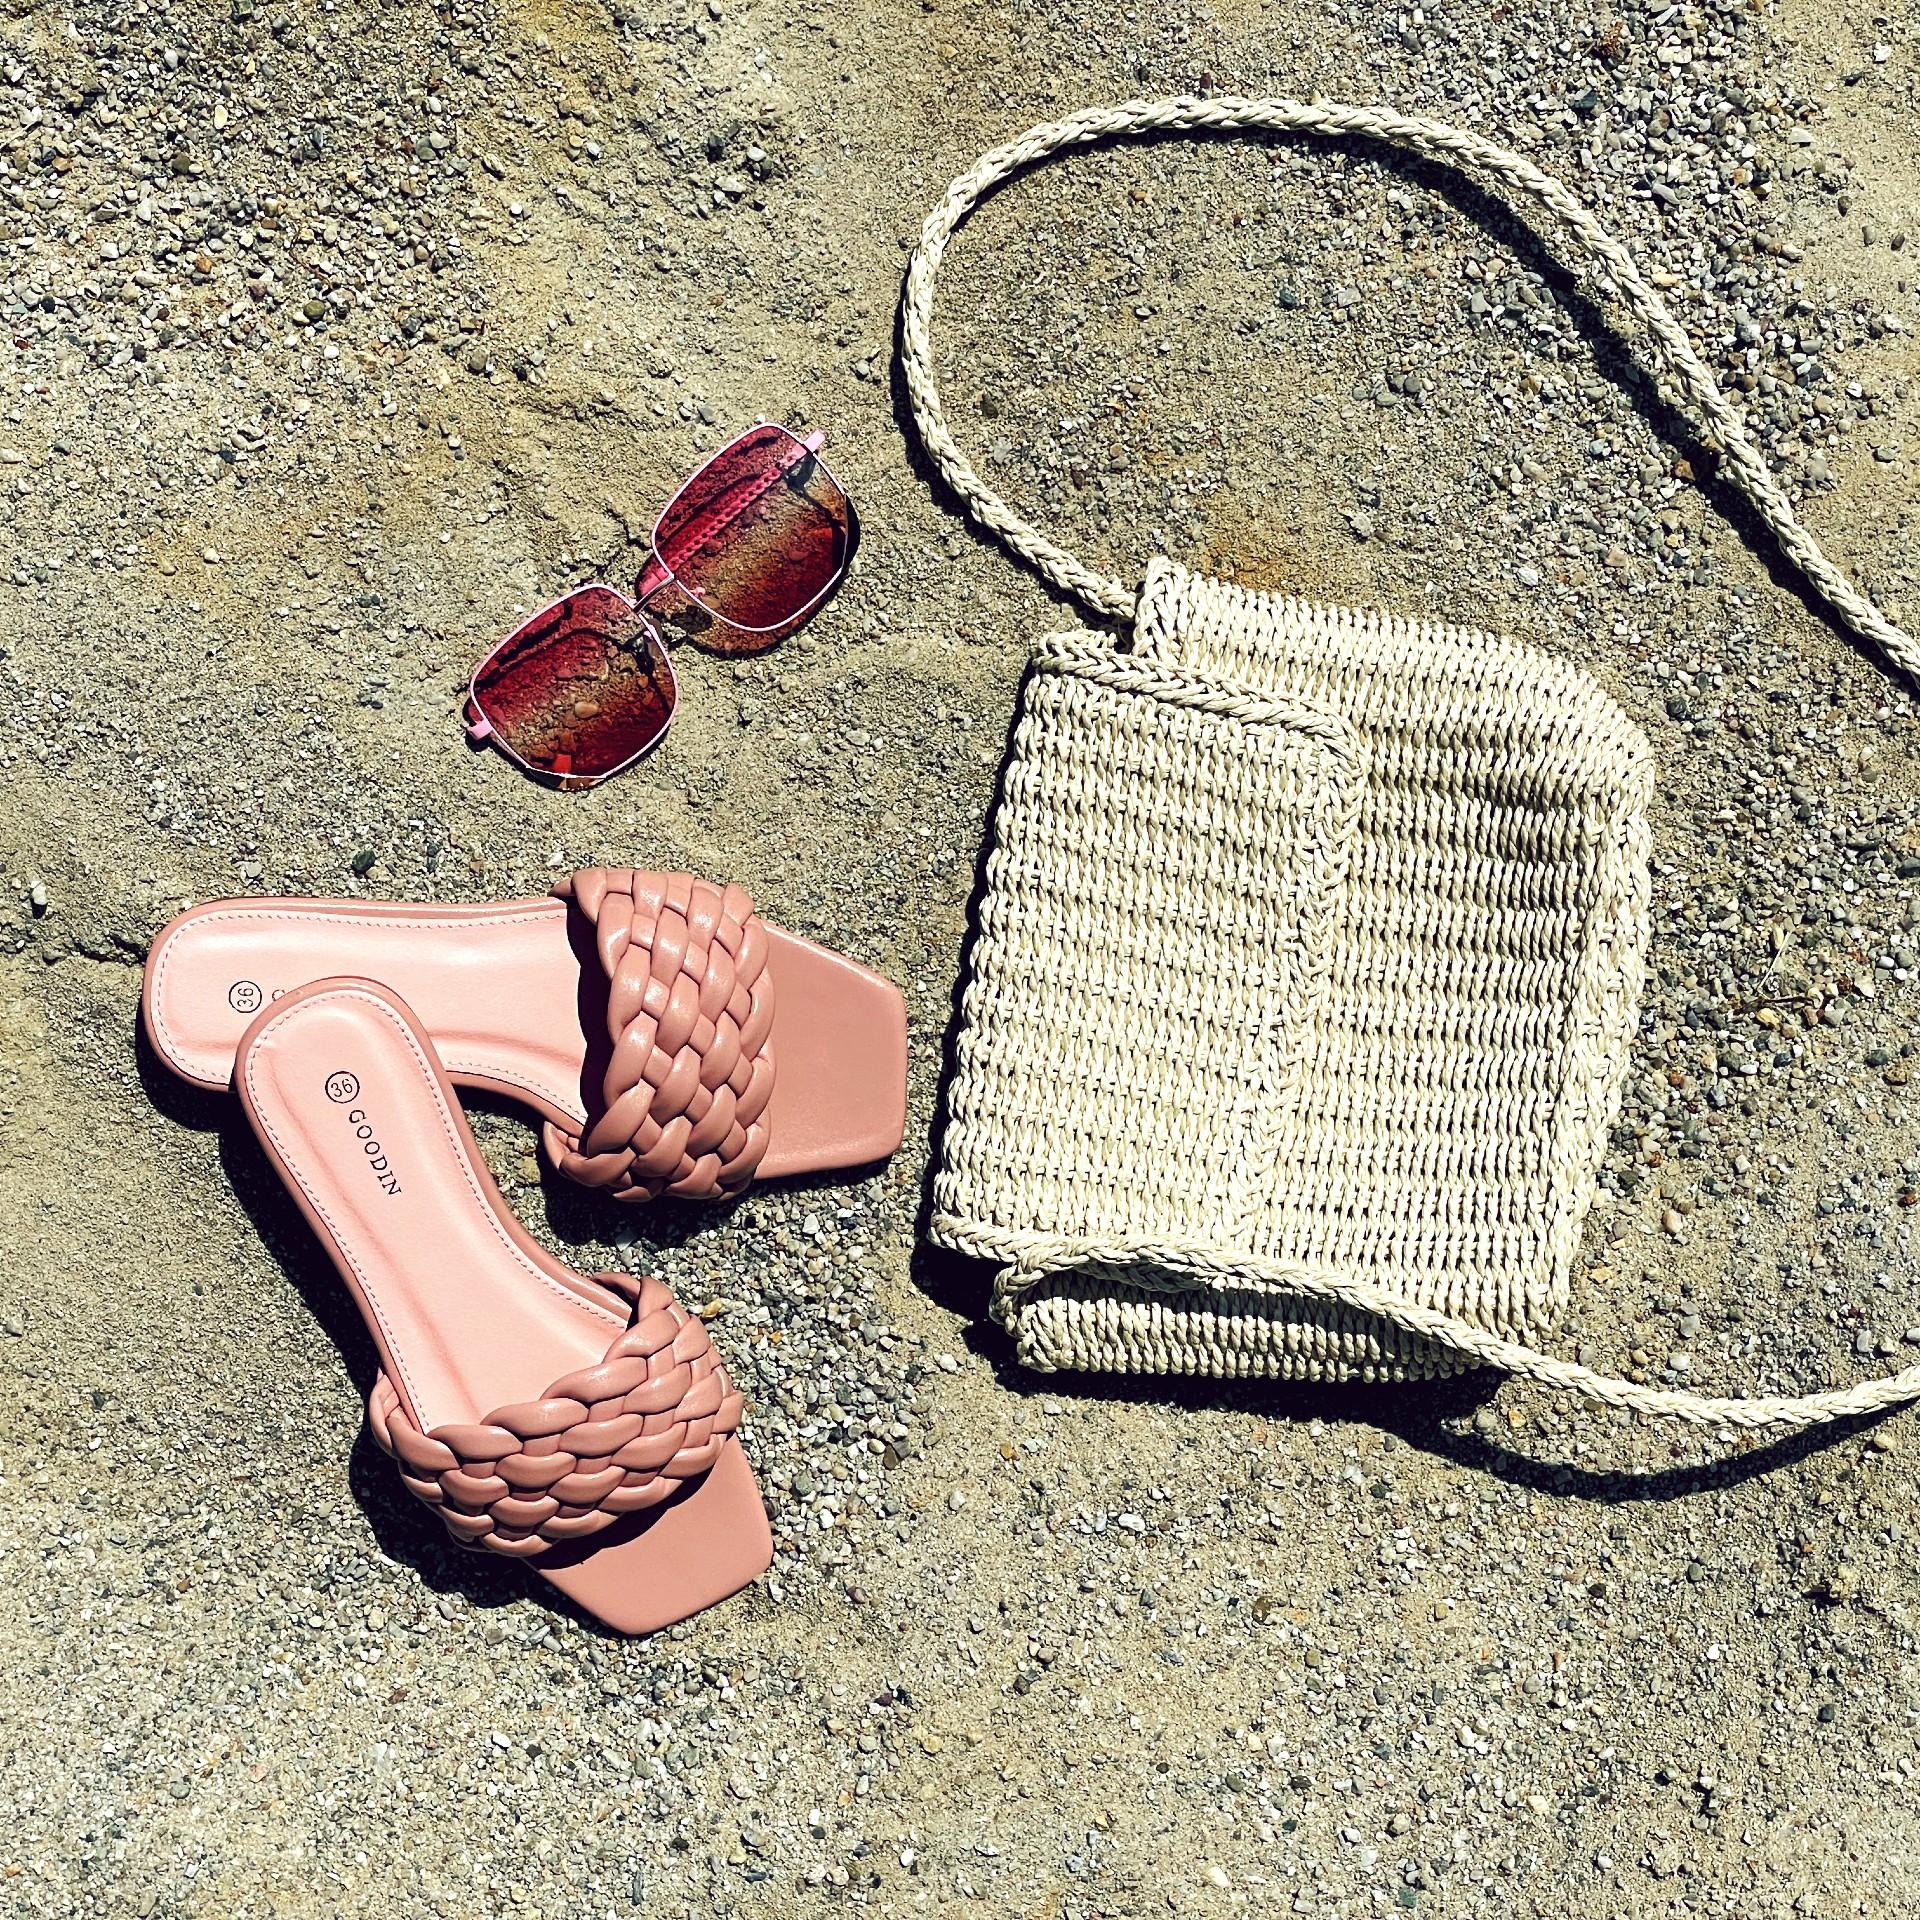 Co nesmí chybět v plážové tašce?